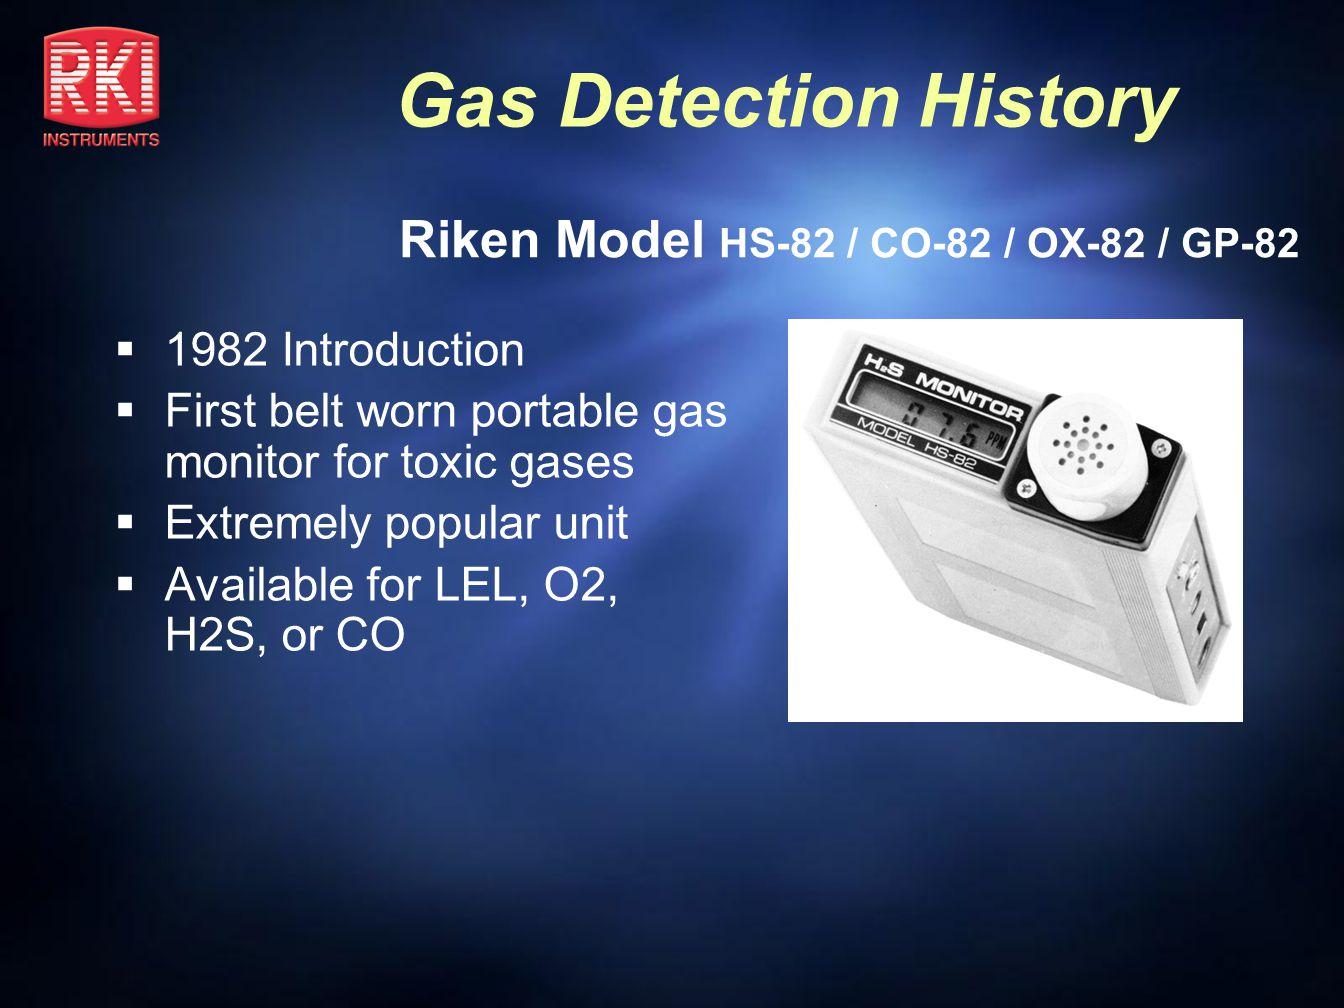 Riken Model HS-82 / CO-82 / OX-82 / GP-82